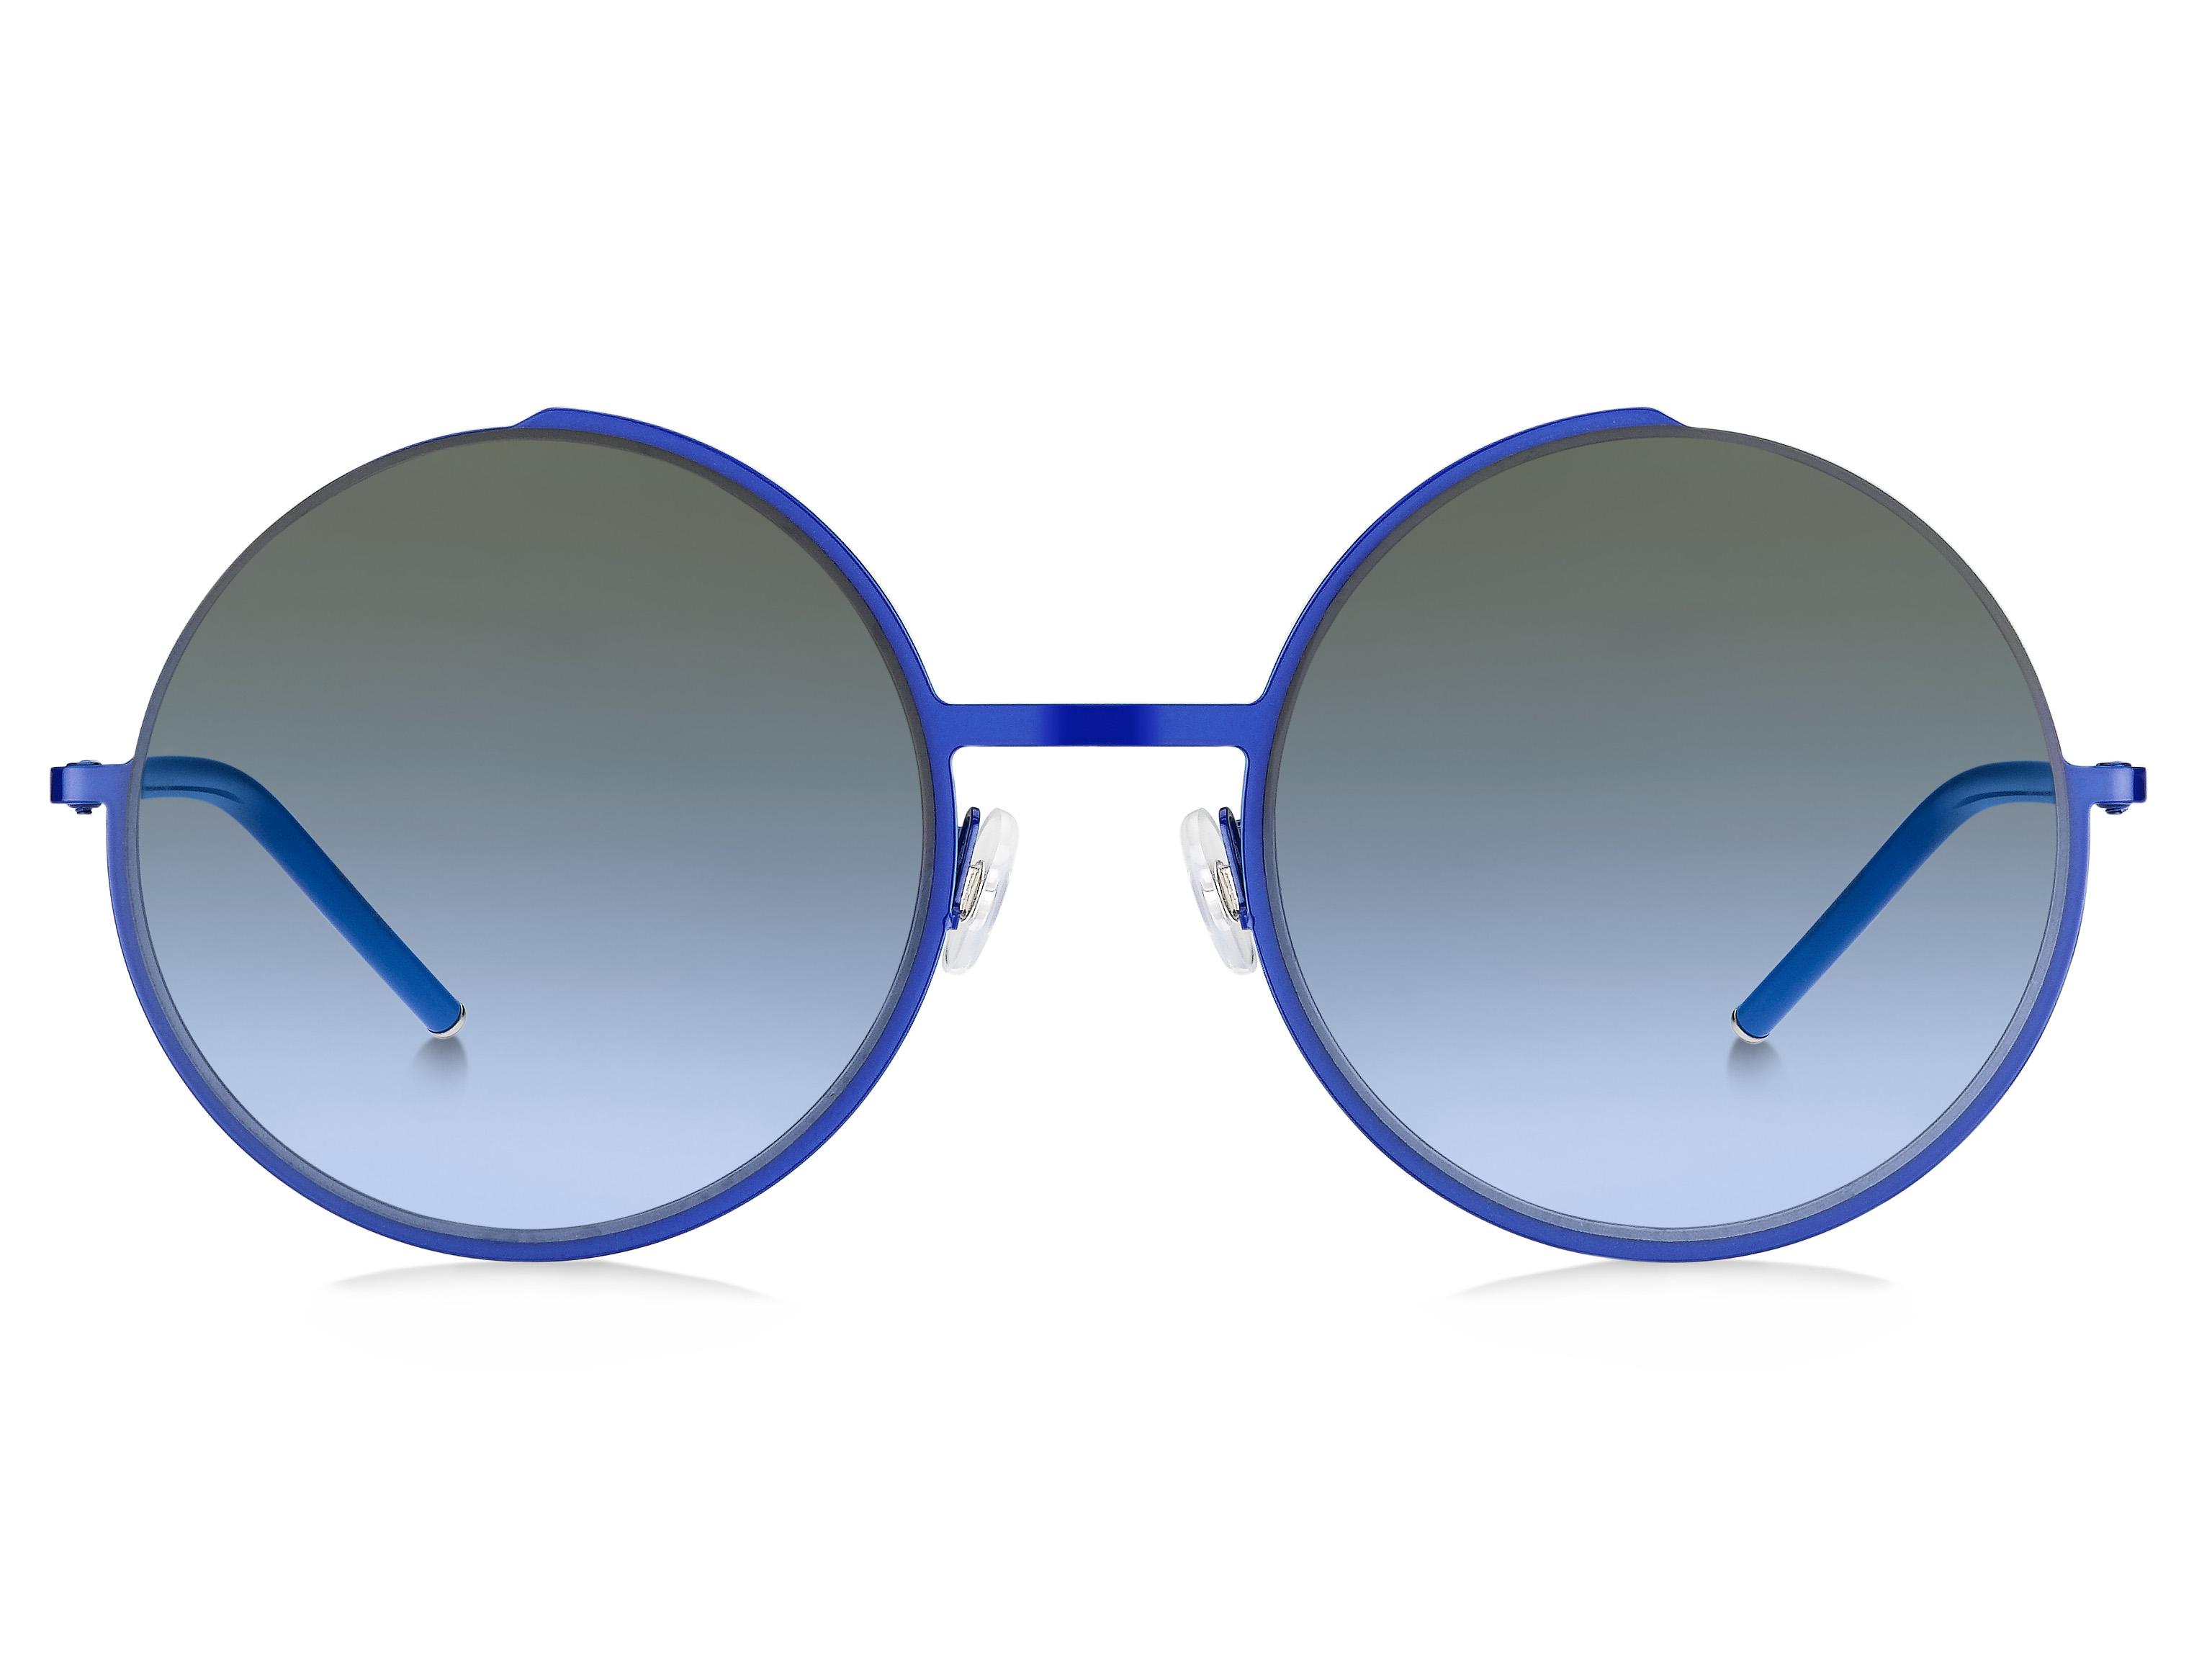 3958669516 γυαλια ηλιου Ray Ban με καθρεφτη « One More Soul